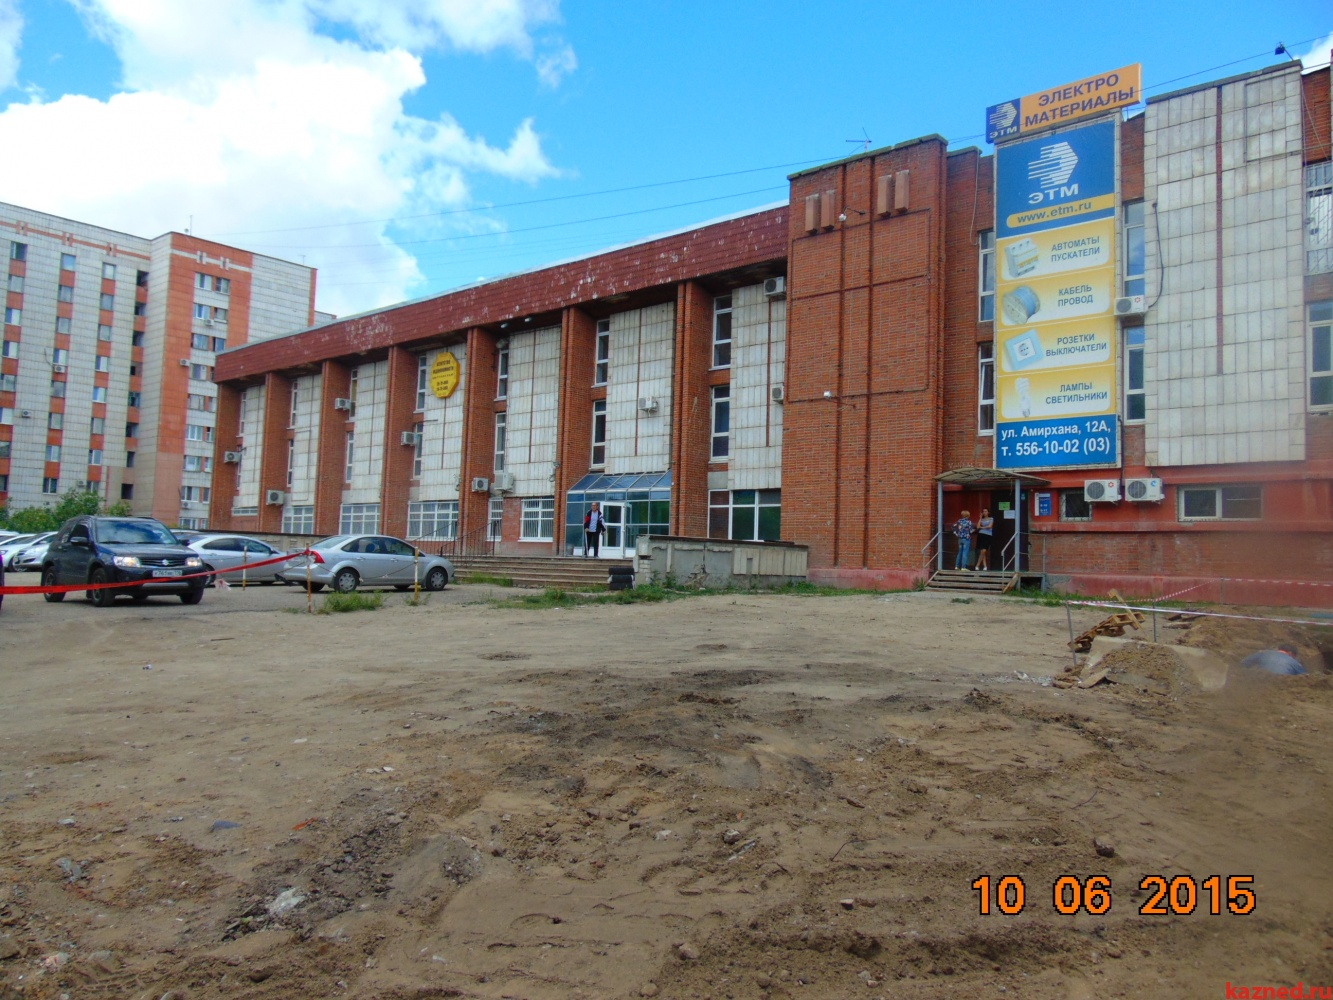 Продажа  помещения свободного назначения Проспект Амирхана,12а, 4831 м²  (миниатюра №2)